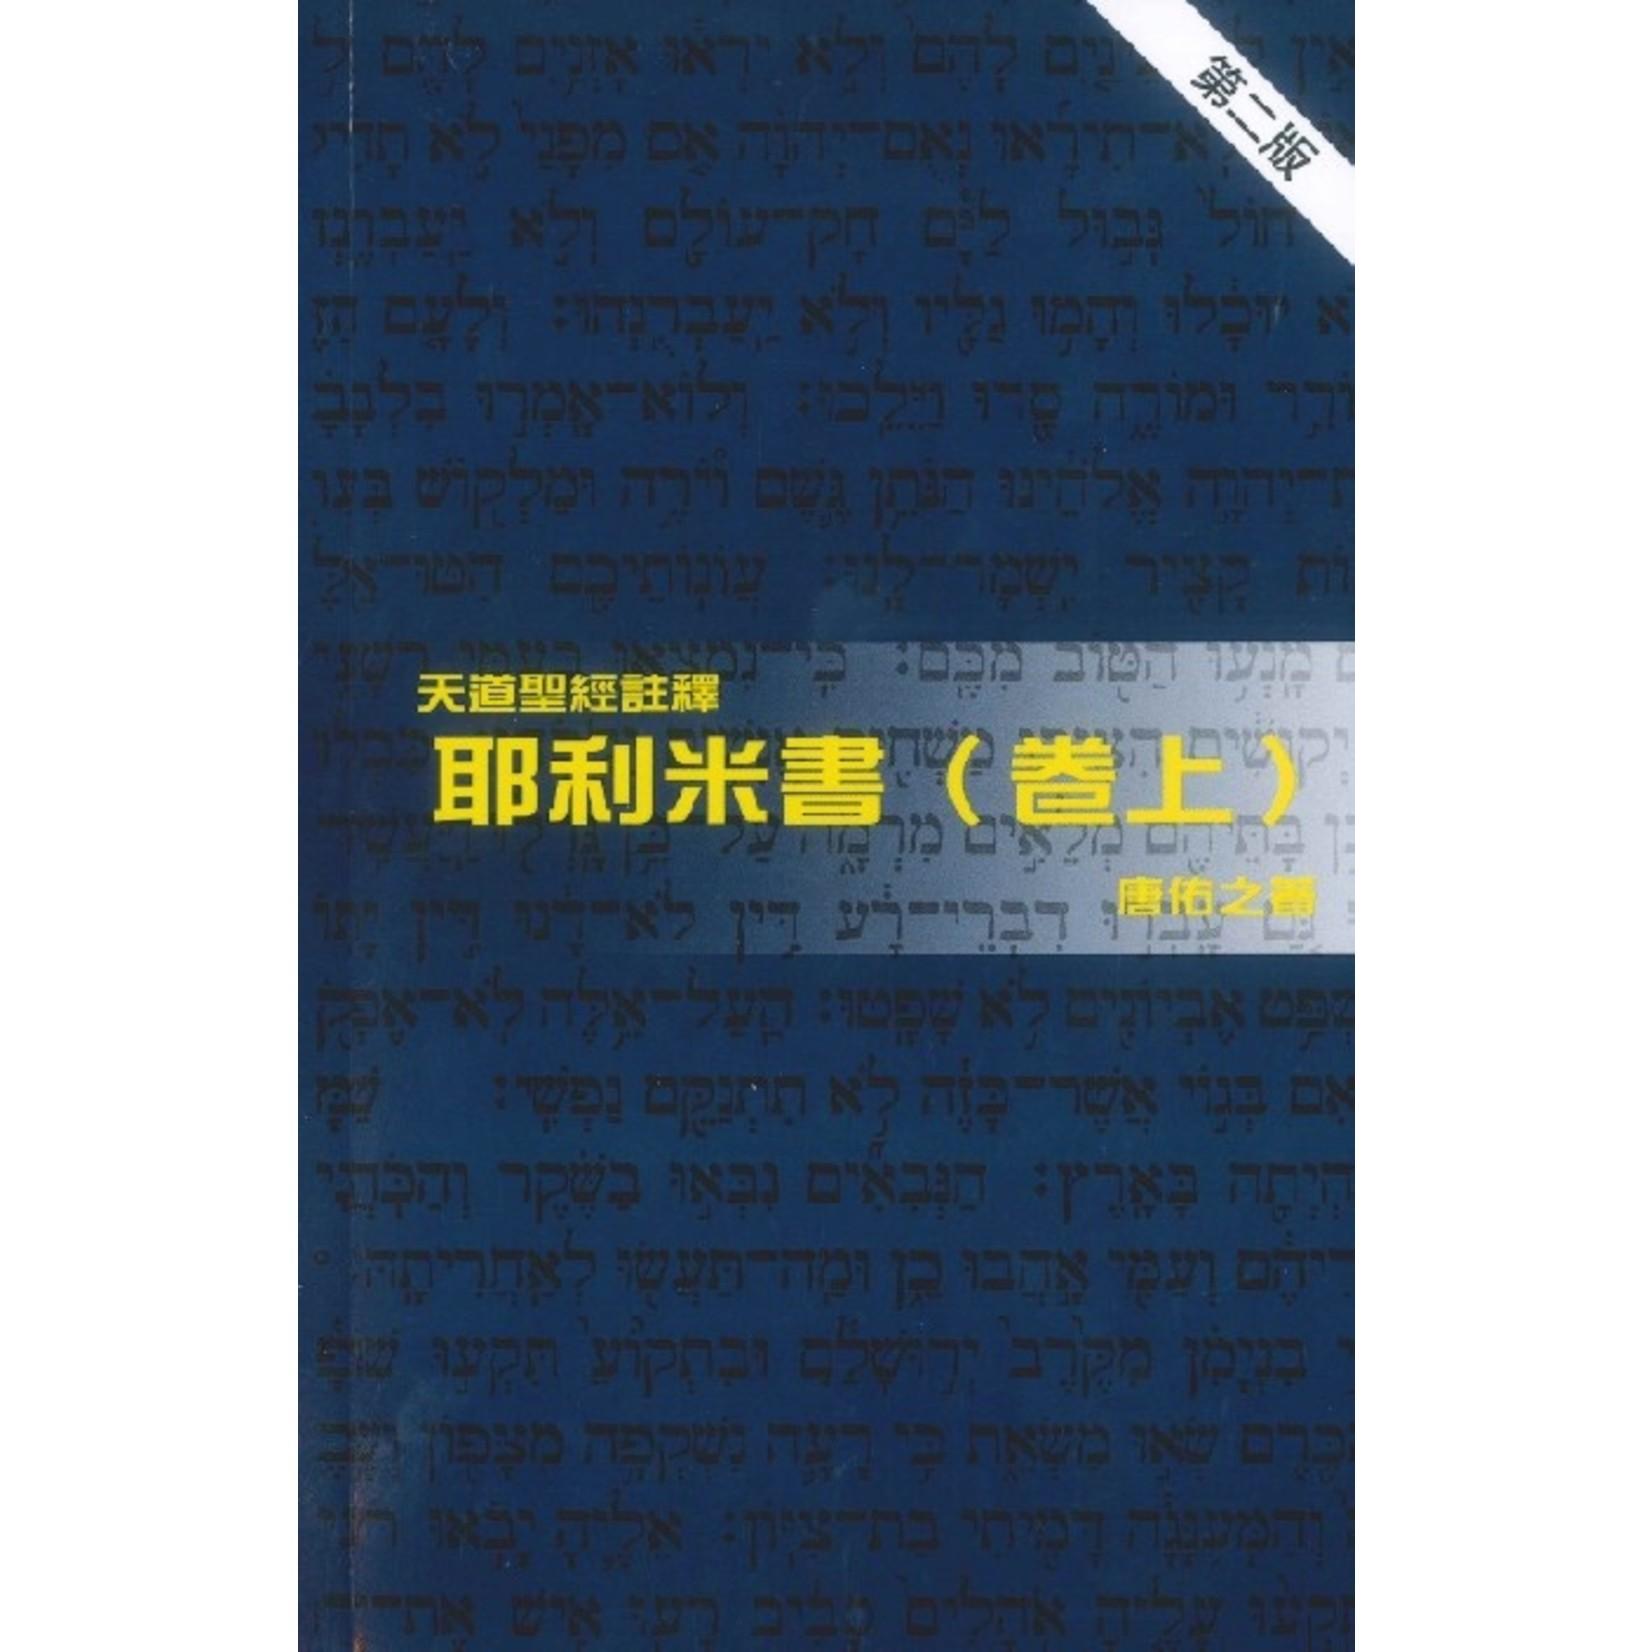 天道書樓 Tien Dao Publishing House 天道聖經註釋:耶利米書(卷上)